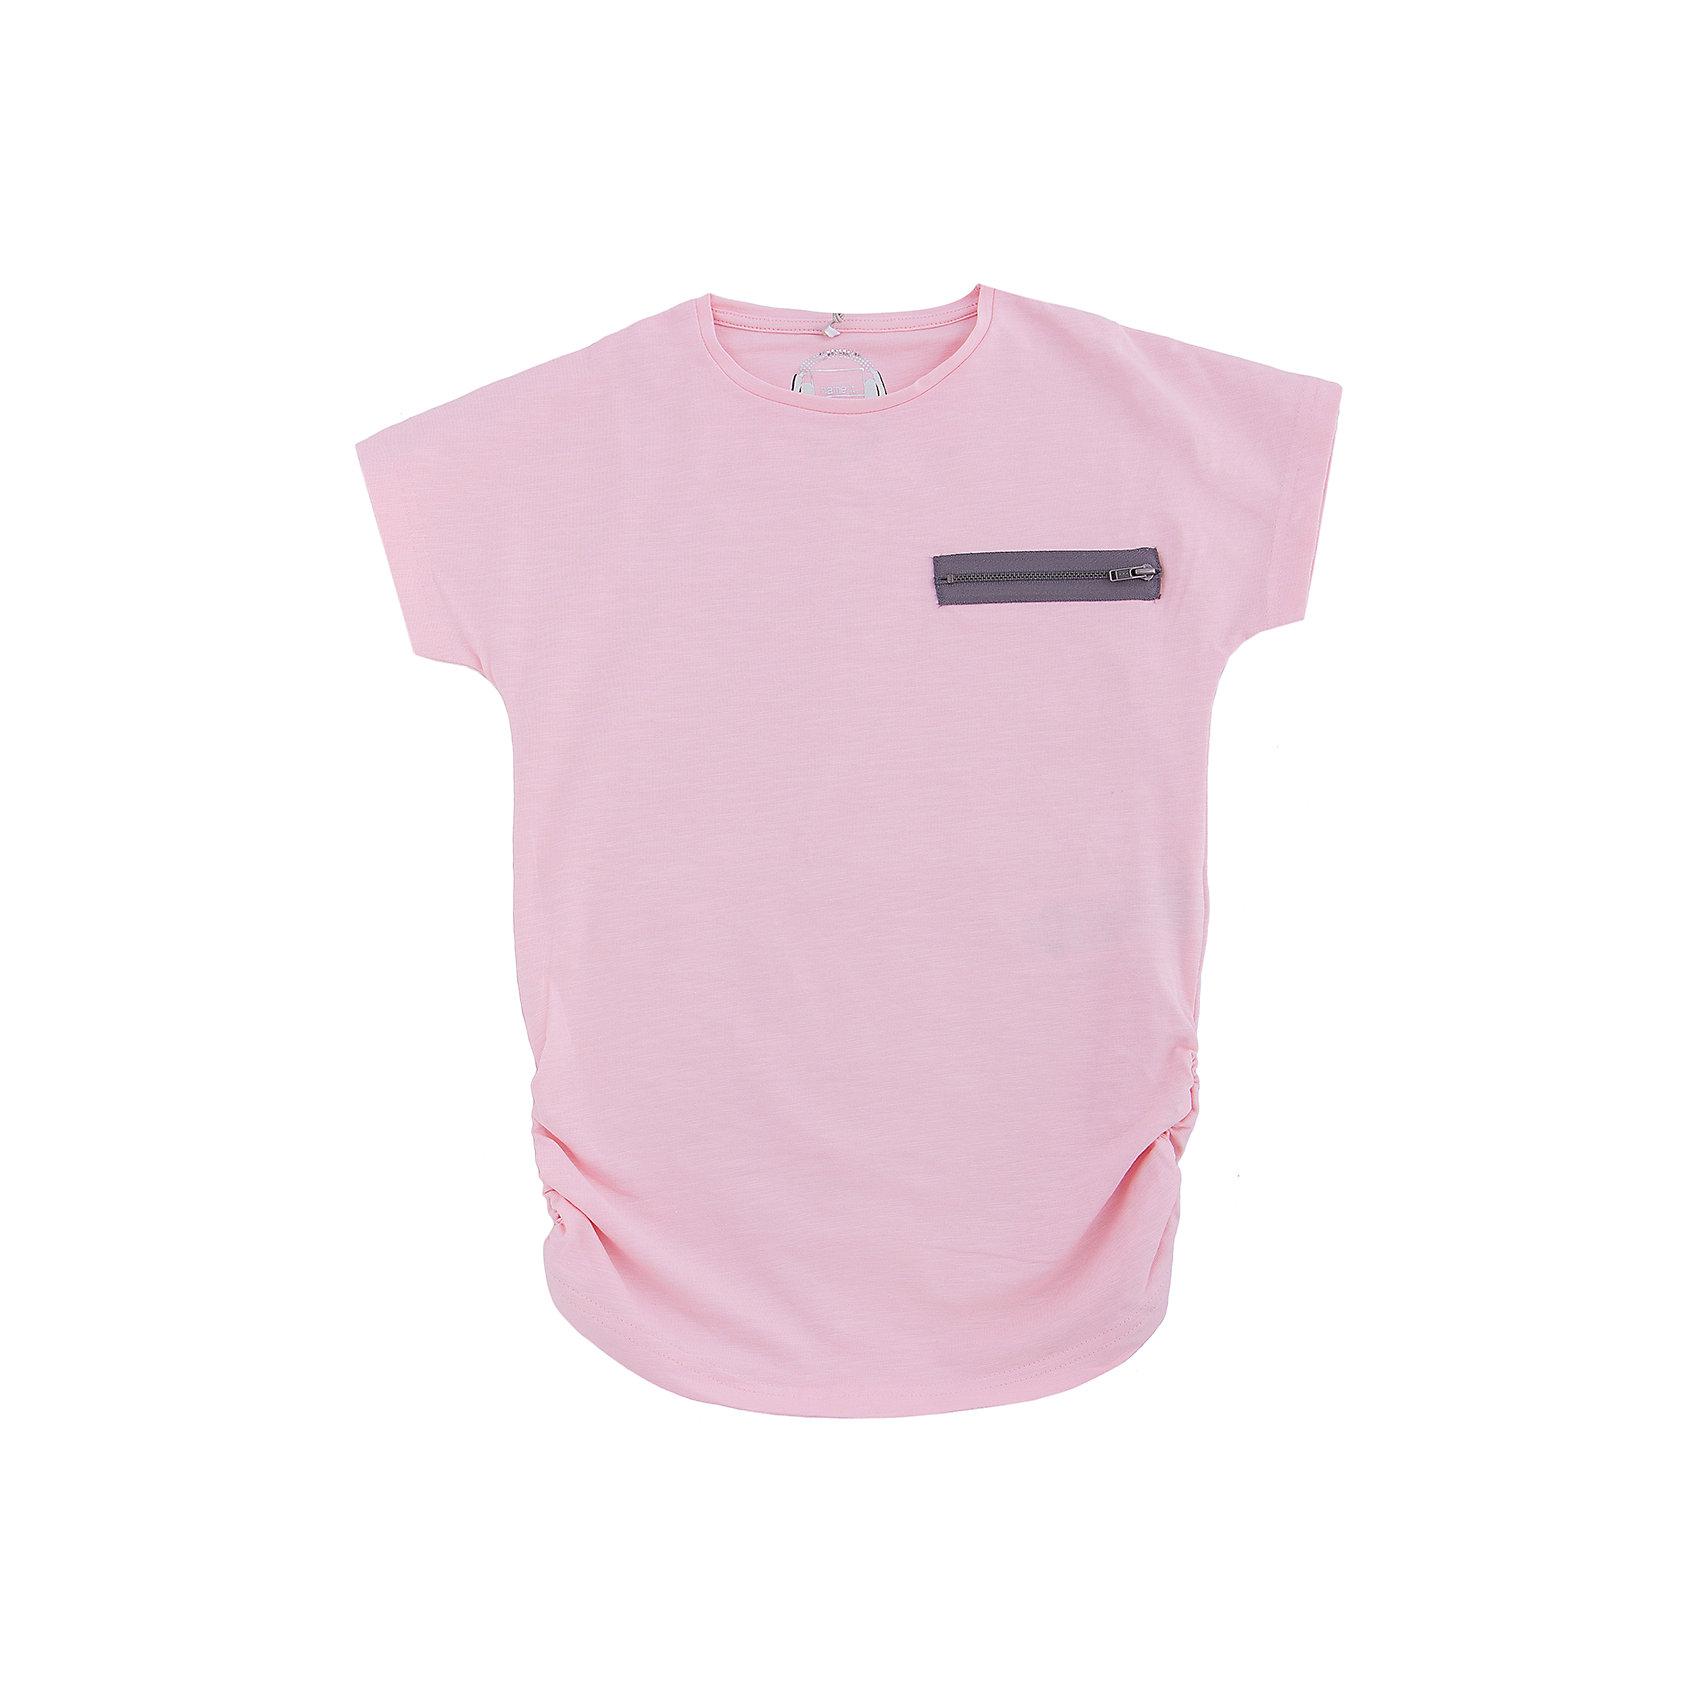 Футболка для девочки name itФутболка для девочки name it. Стильная нежно-розовая футболка - незаменимая вещь в гардеробе каждой юной модницы. Выполнена из высококачественного натурального материала приятного к телу. Модель прекрасно подойдет для повседневной носки, сочетается с любой одеждой.<br><br>Дополнительное описание:<br><br>- Вырез горловины округлый<br>- Цвет: светло-розовый<br>- Покрой: зауженный<br>- Декоративные элементы: аппликация<br>Параметры для размера 134-140<br>- Длина рукава: 15см<br><br>Состав: <br>95% хлопок, 5% эластан<br><br>Футболку для девочки name it ( нейм ит) можно купить в нашем магазине.<br><br>Ширина мм: 199<br>Глубина мм: 10<br>Высота мм: 161<br>Вес г: 151<br>Цвет: красный<br>Возраст от месяцев: 84<br>Возраст до месяцев: 96<br>Пол: Женский<br>Возраст: Детский<br>Размер: 128,140,152,110,116<br>SKU: 3811560